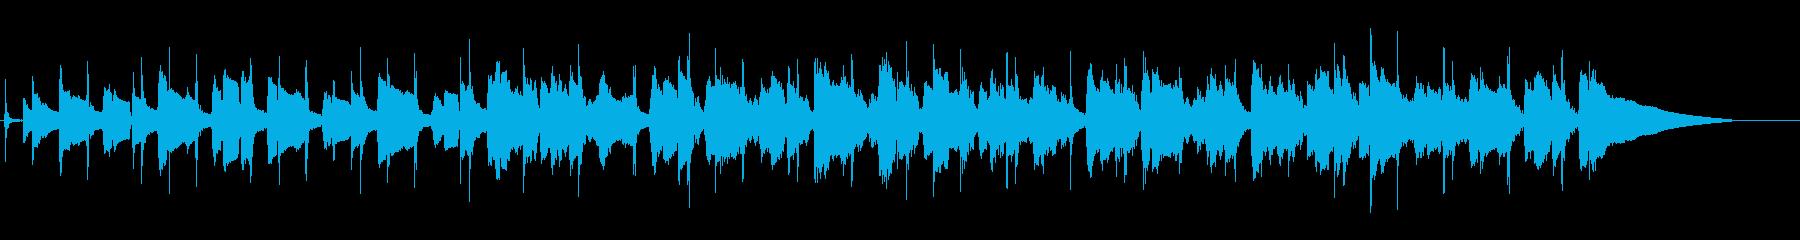 ほのぼの可愛い口笛ギターポップ/30秒の再生済みの波形